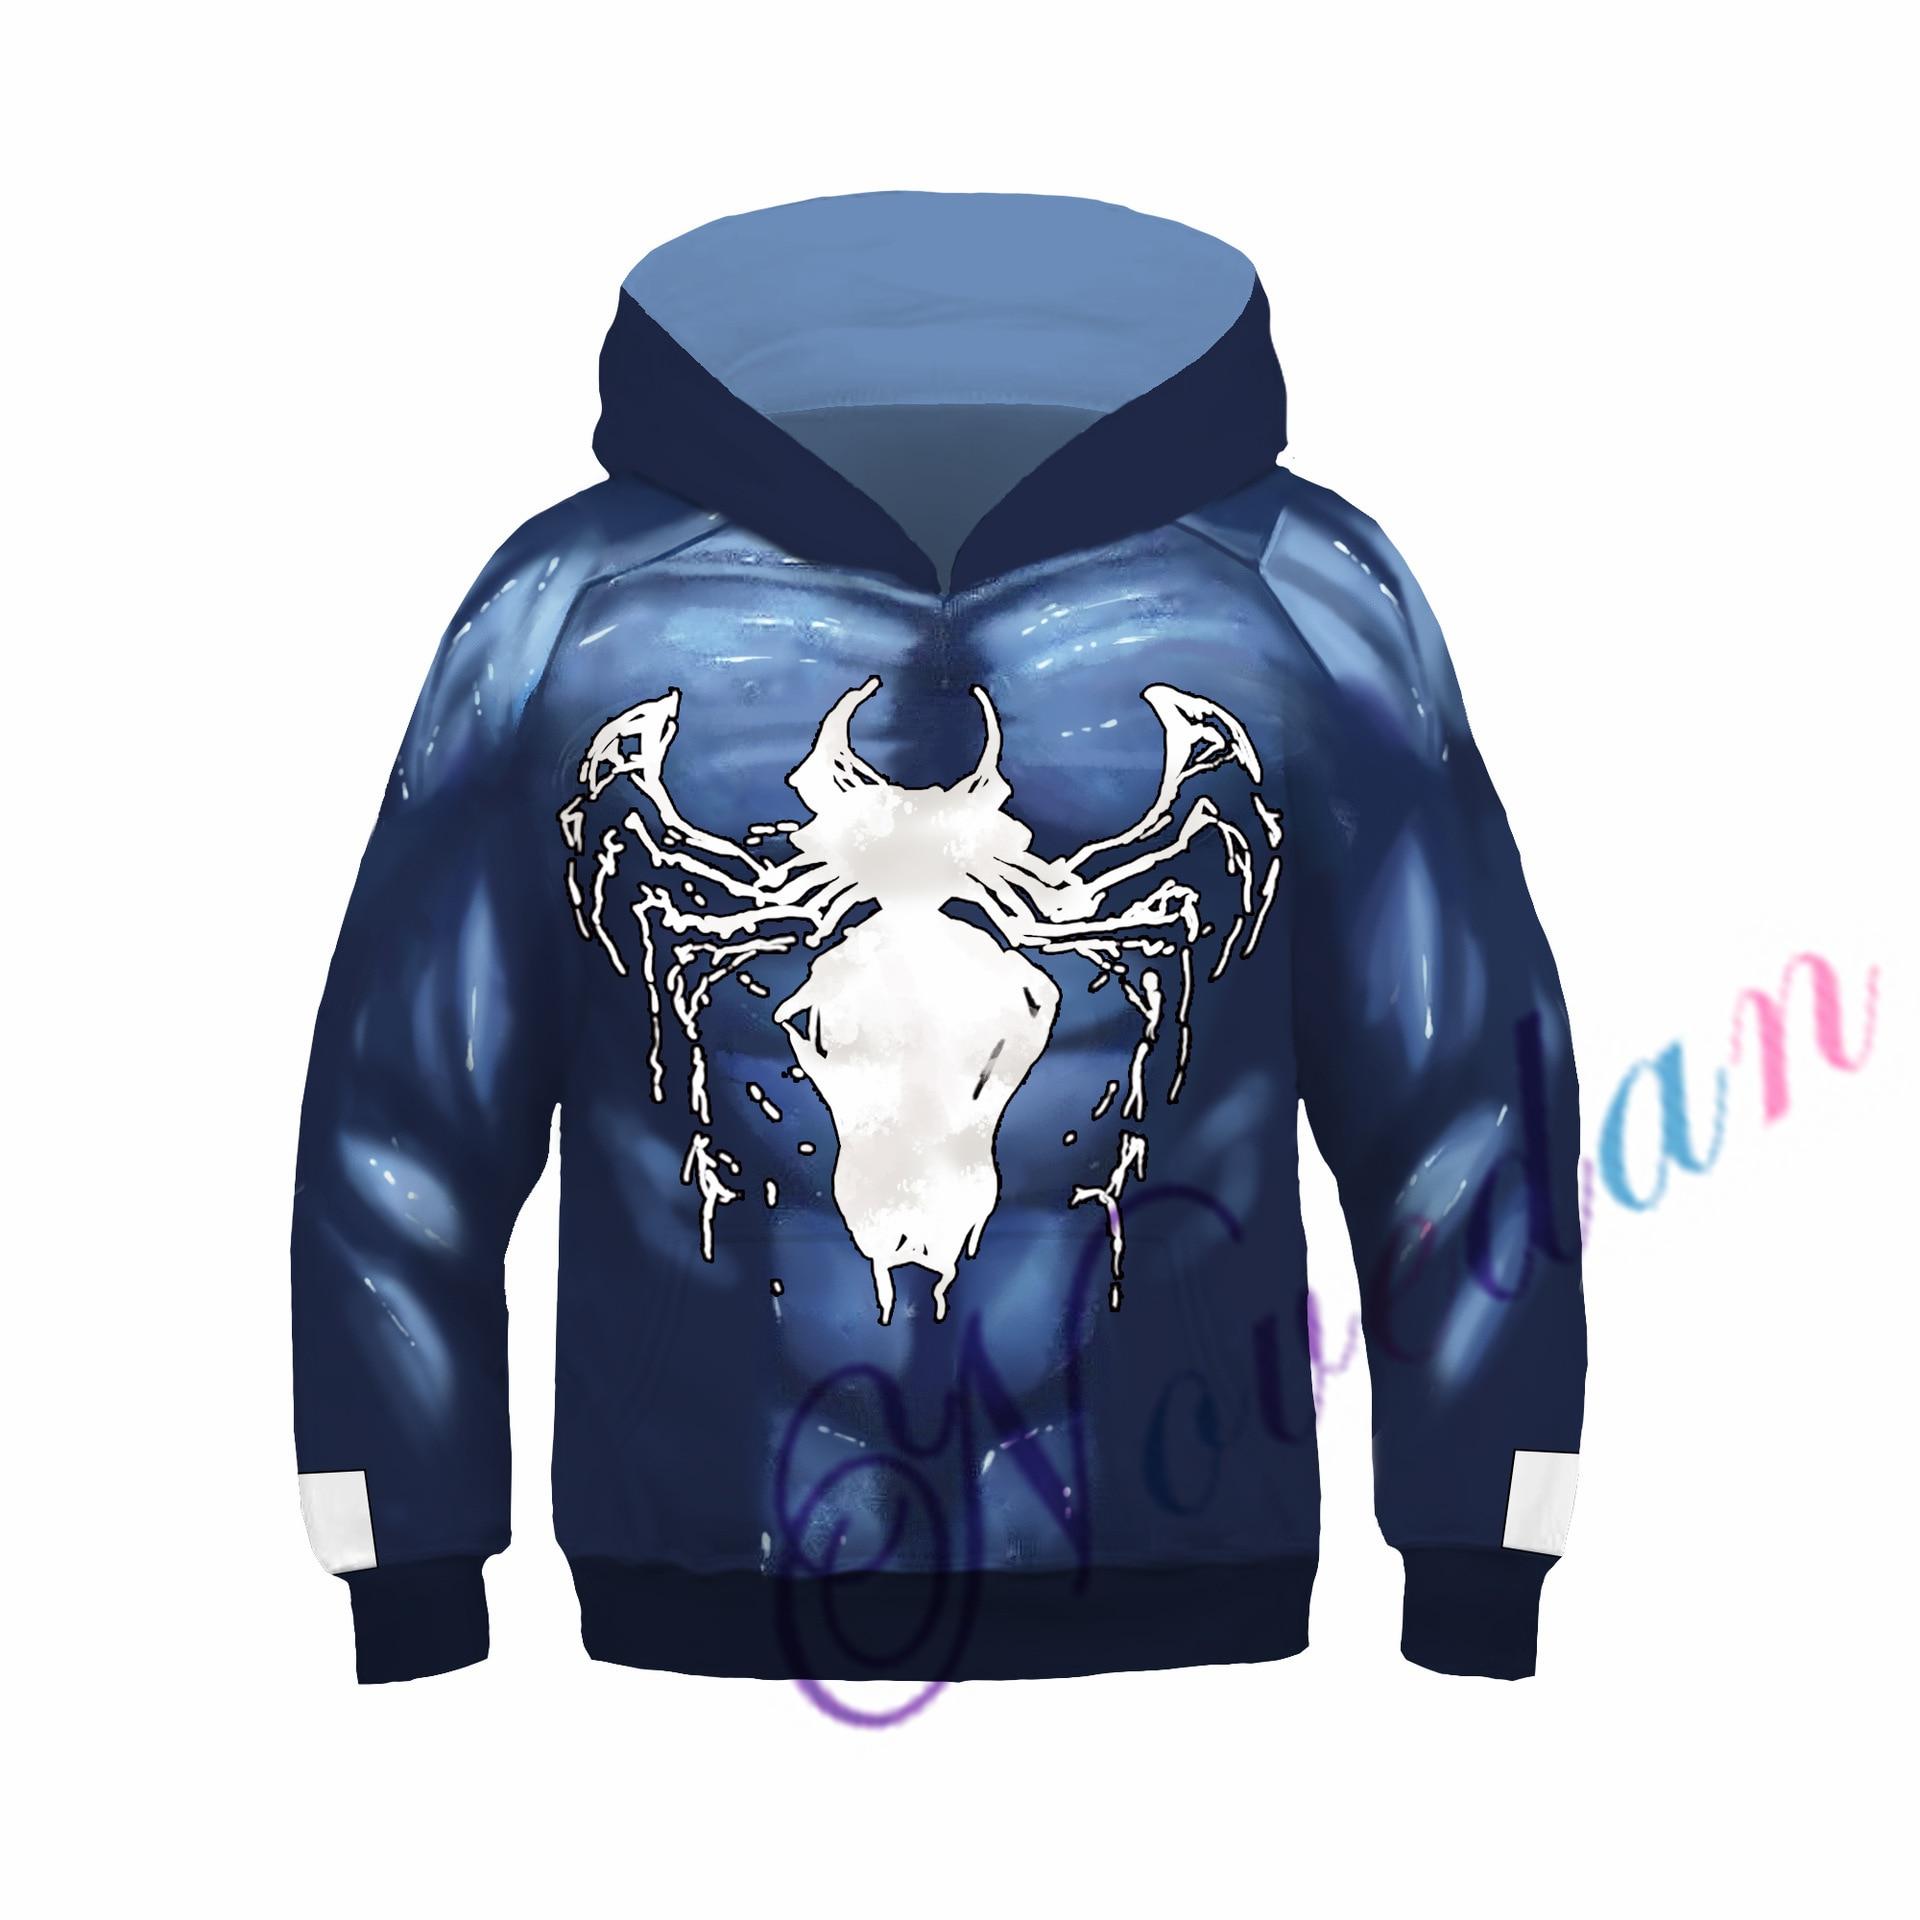 Kids Boys Hooded Endgame Cosplay Venom Man Sweatshirt Hoodie Costume Superhero Streetwear 3